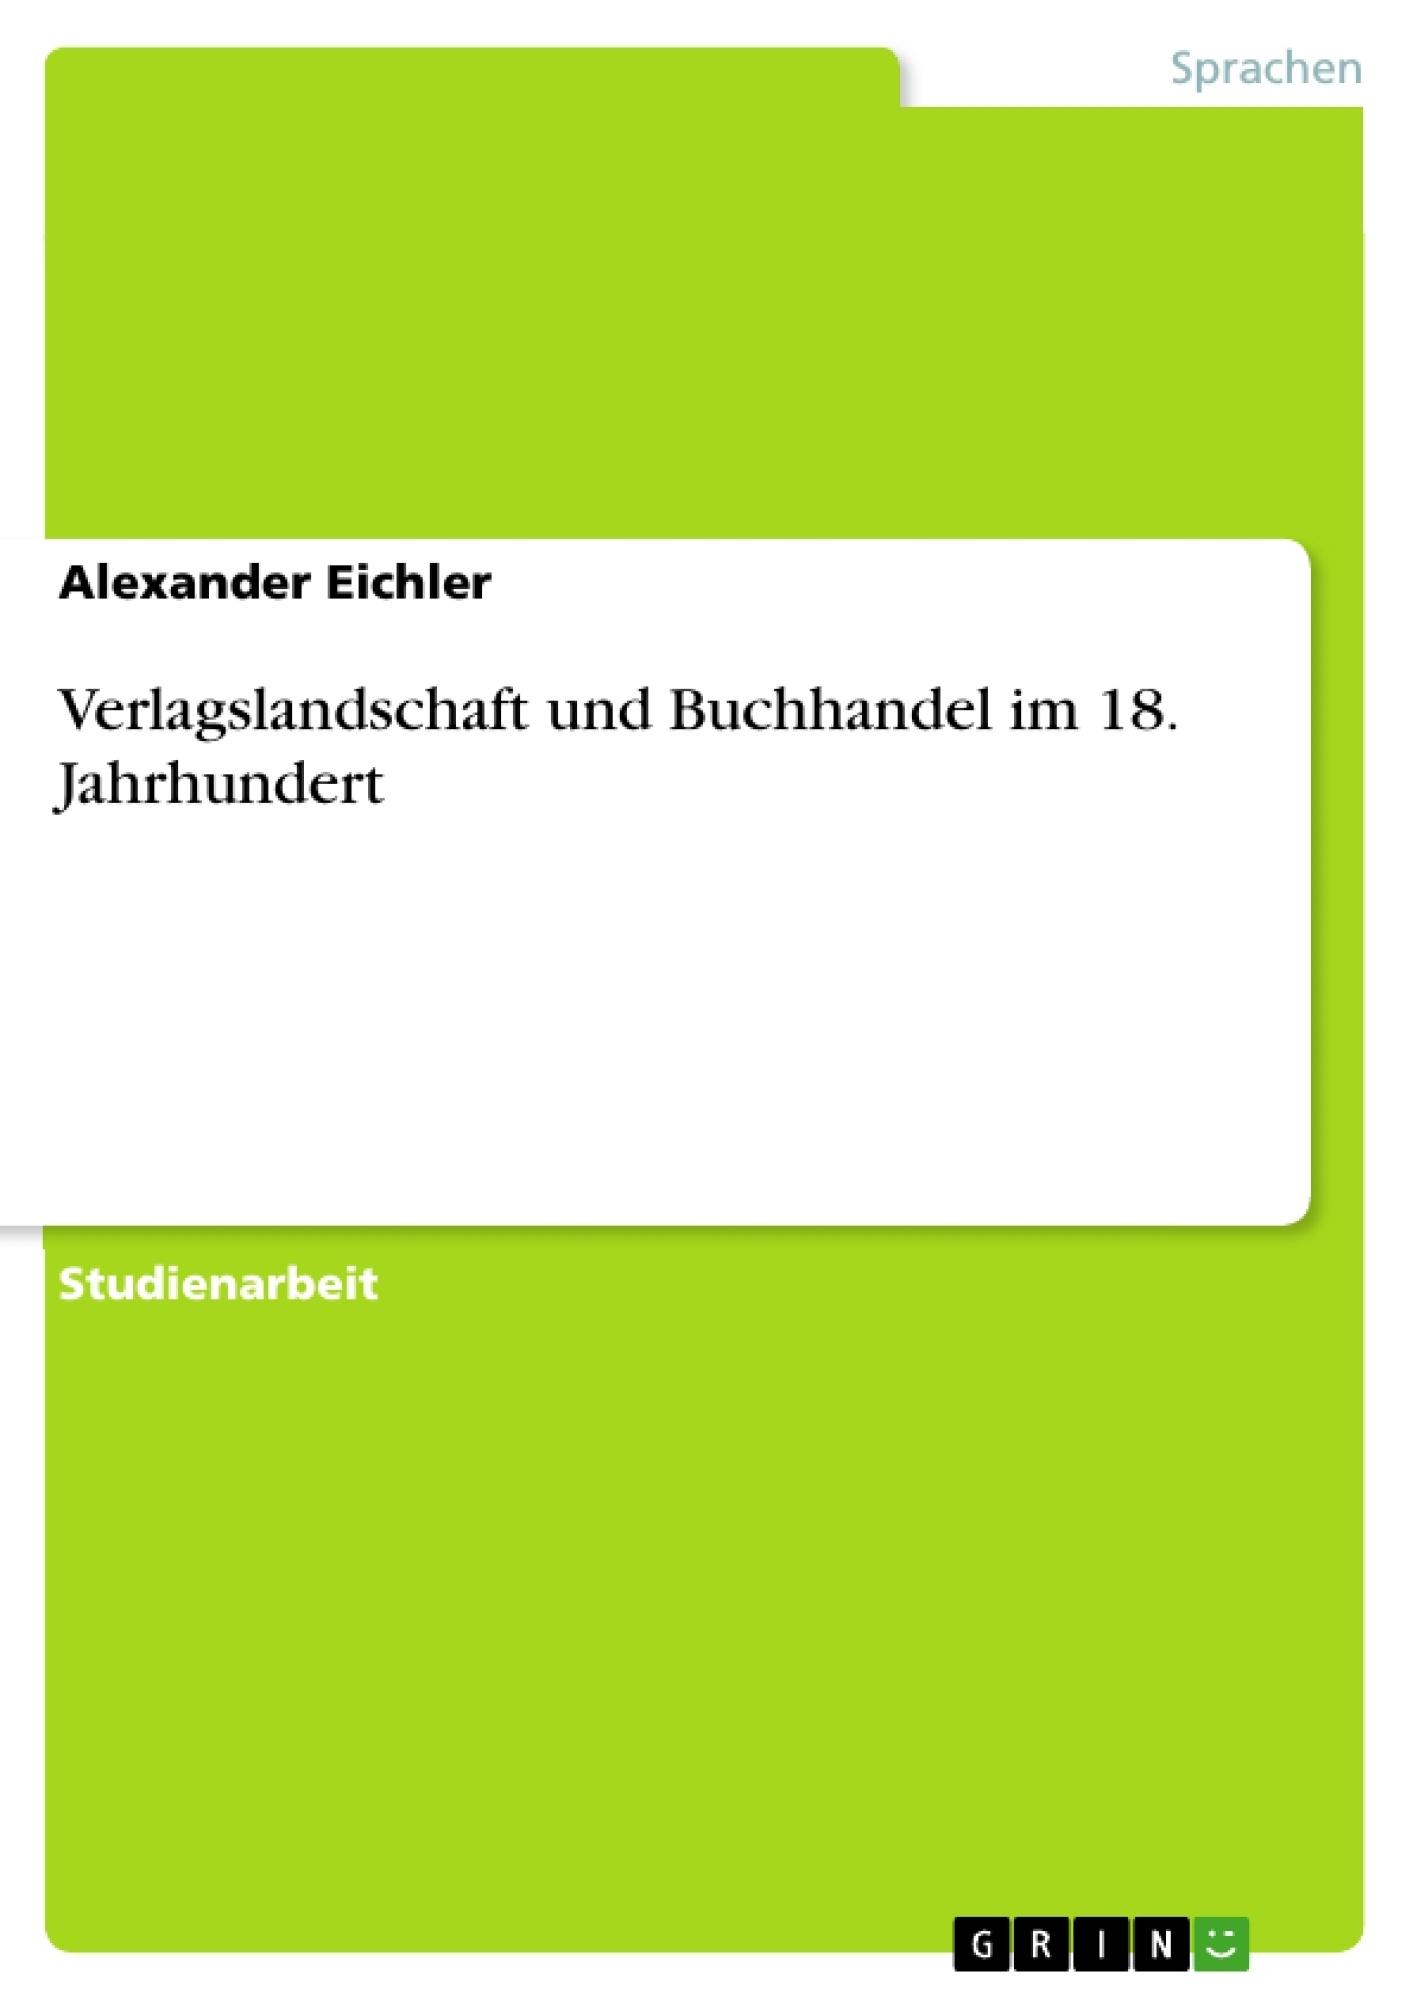 Titel: Verlagslandschaft und Buchhandel im 18. Jahrhundert